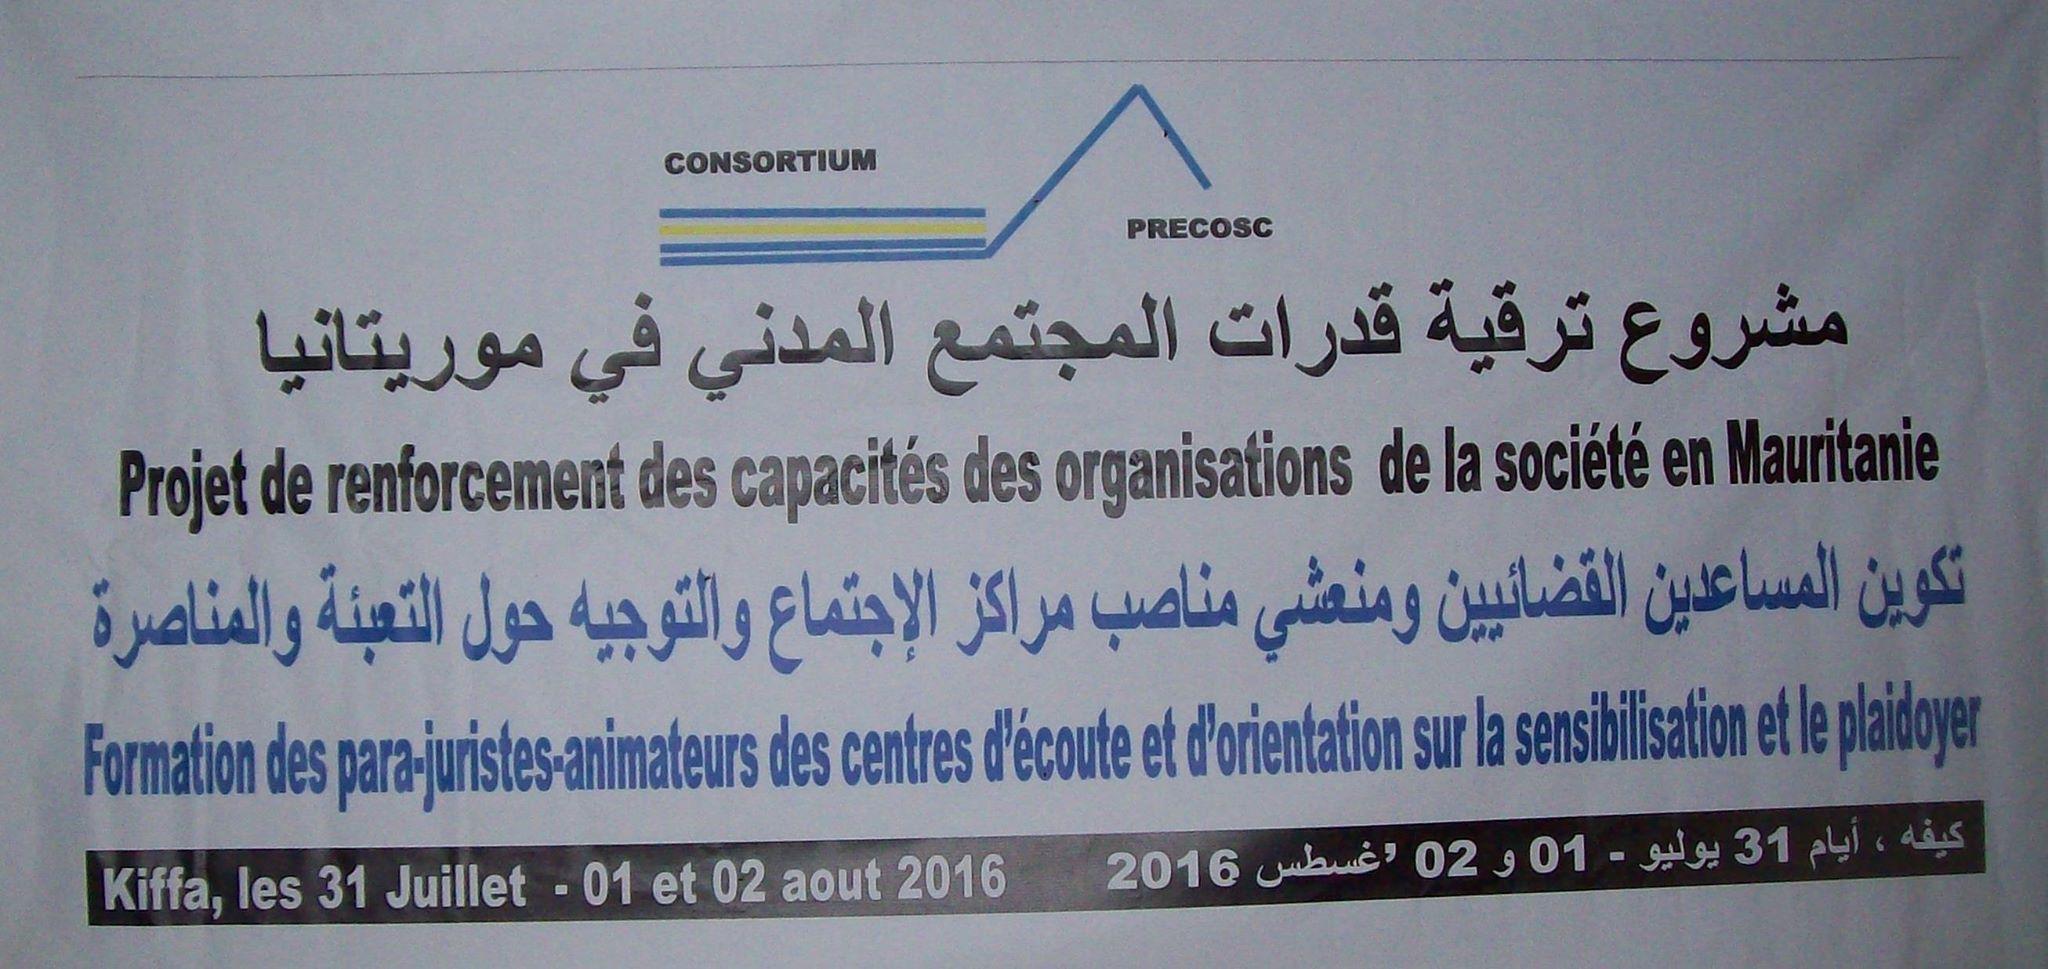 Le statut et le code de conduite du para-juriste en gestation en Mauritanie (Photos)